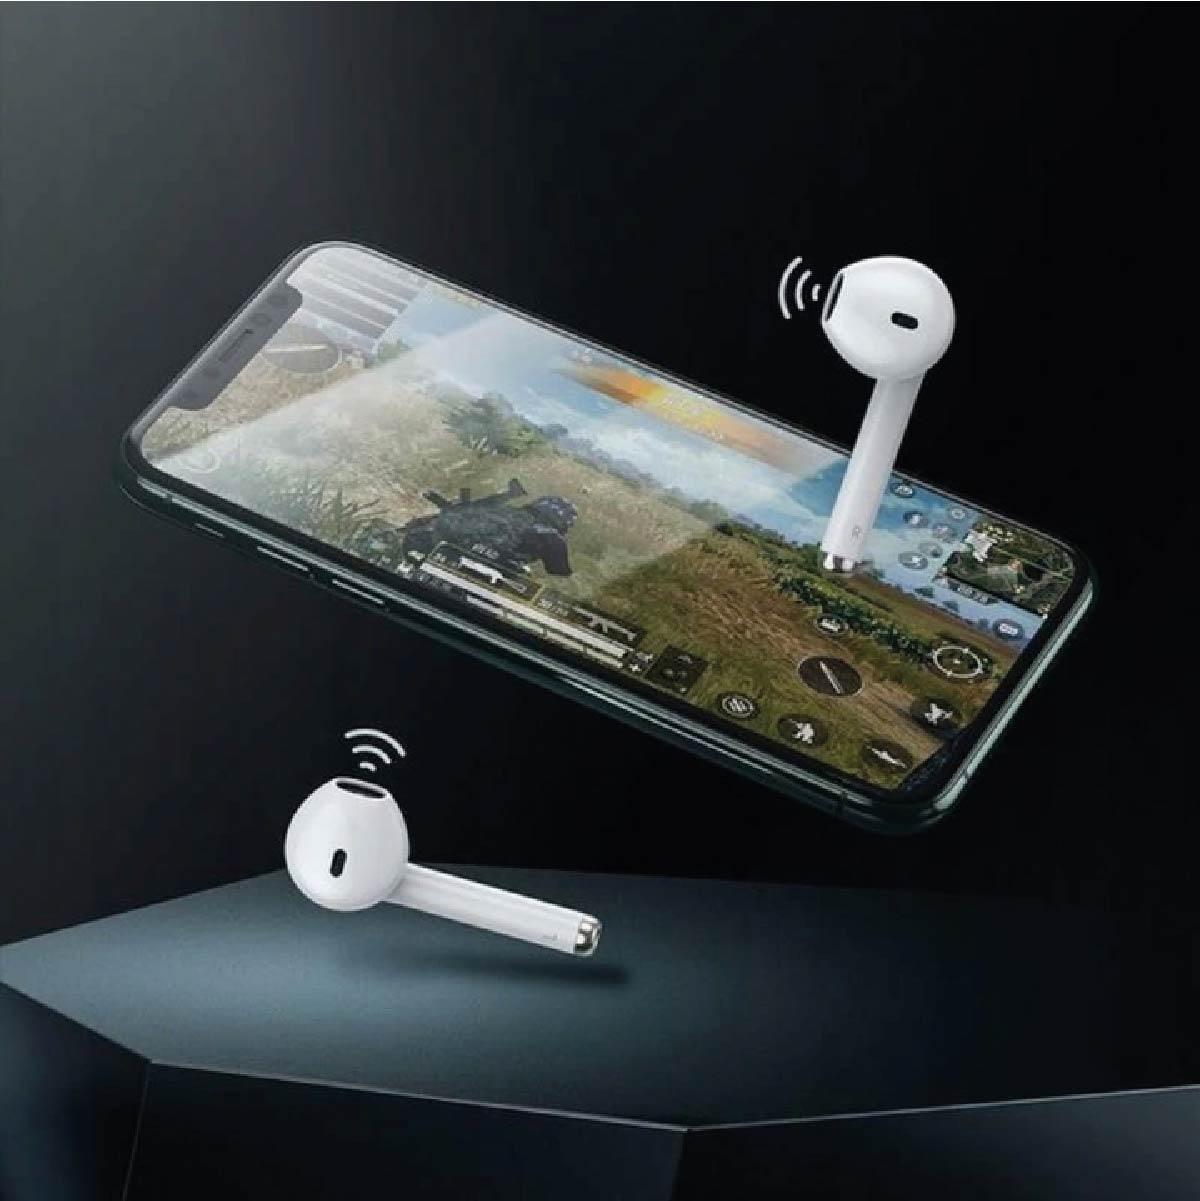 Fone de Ouvido Baseus Encok W04 TWS Bluetooth 5.0 Touch